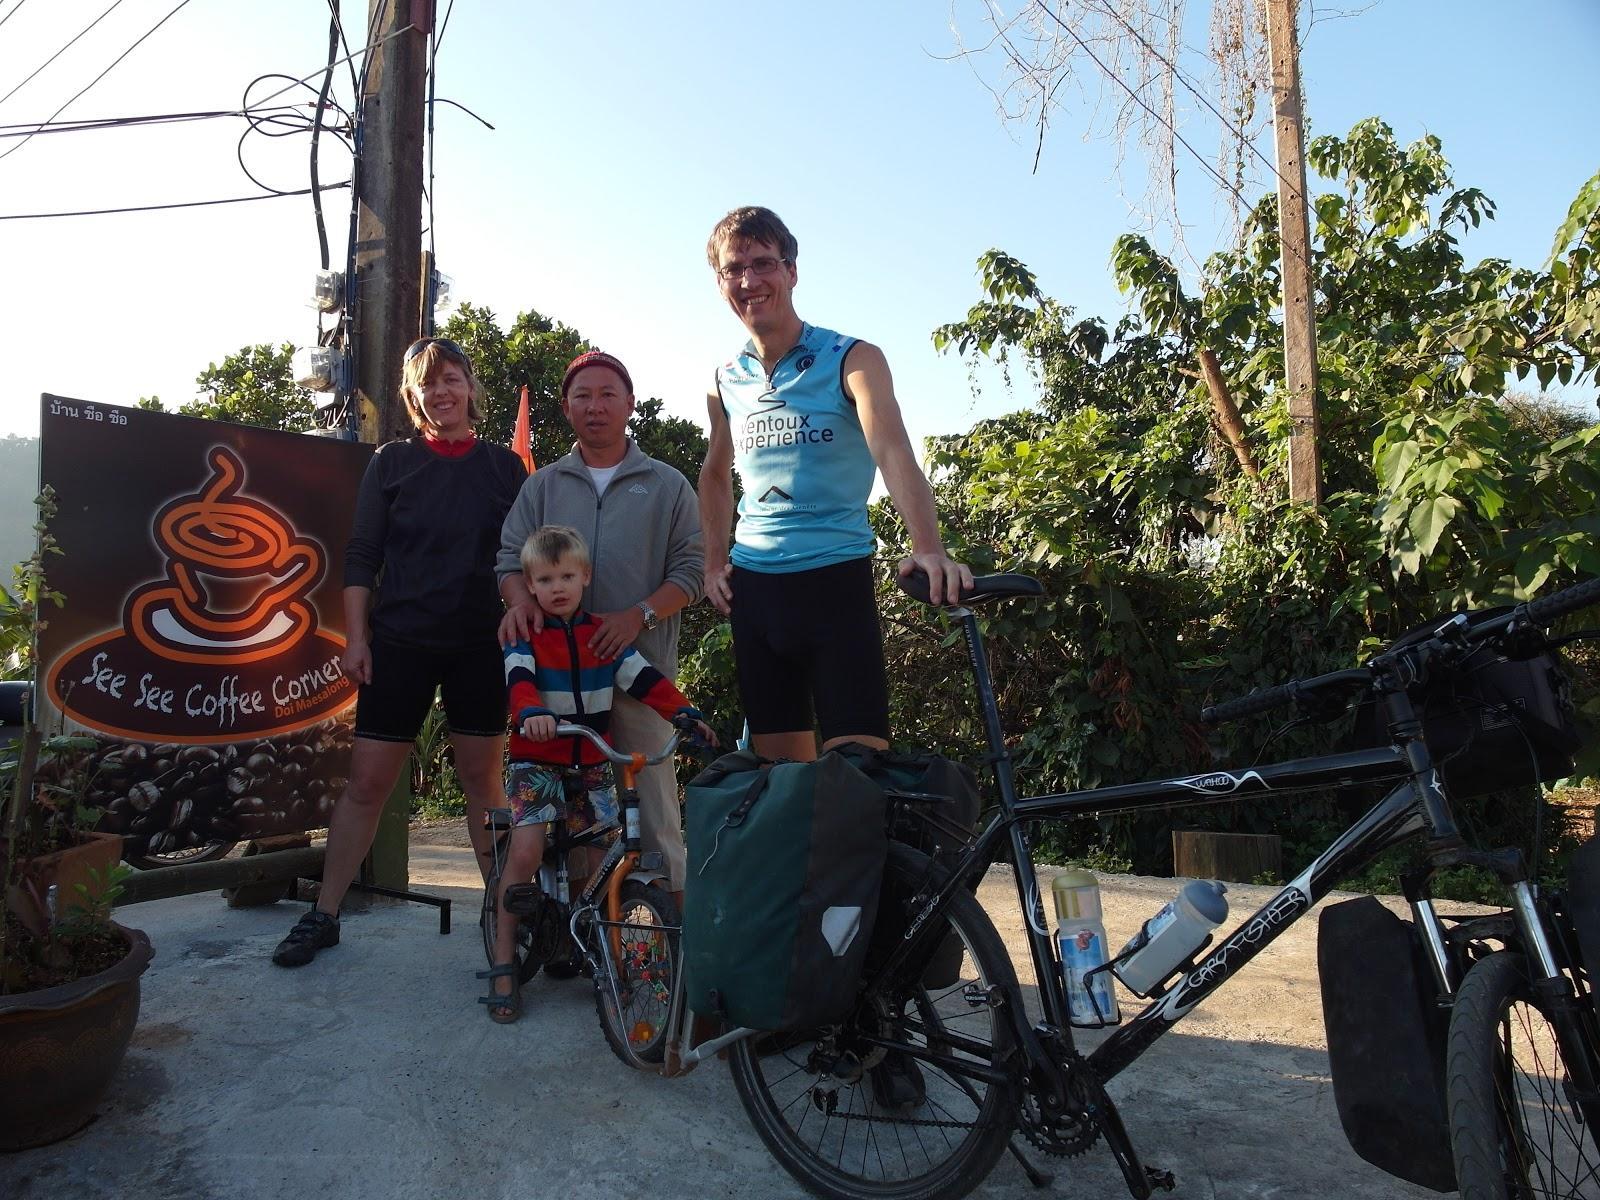 Thailand op fietse: december 2012